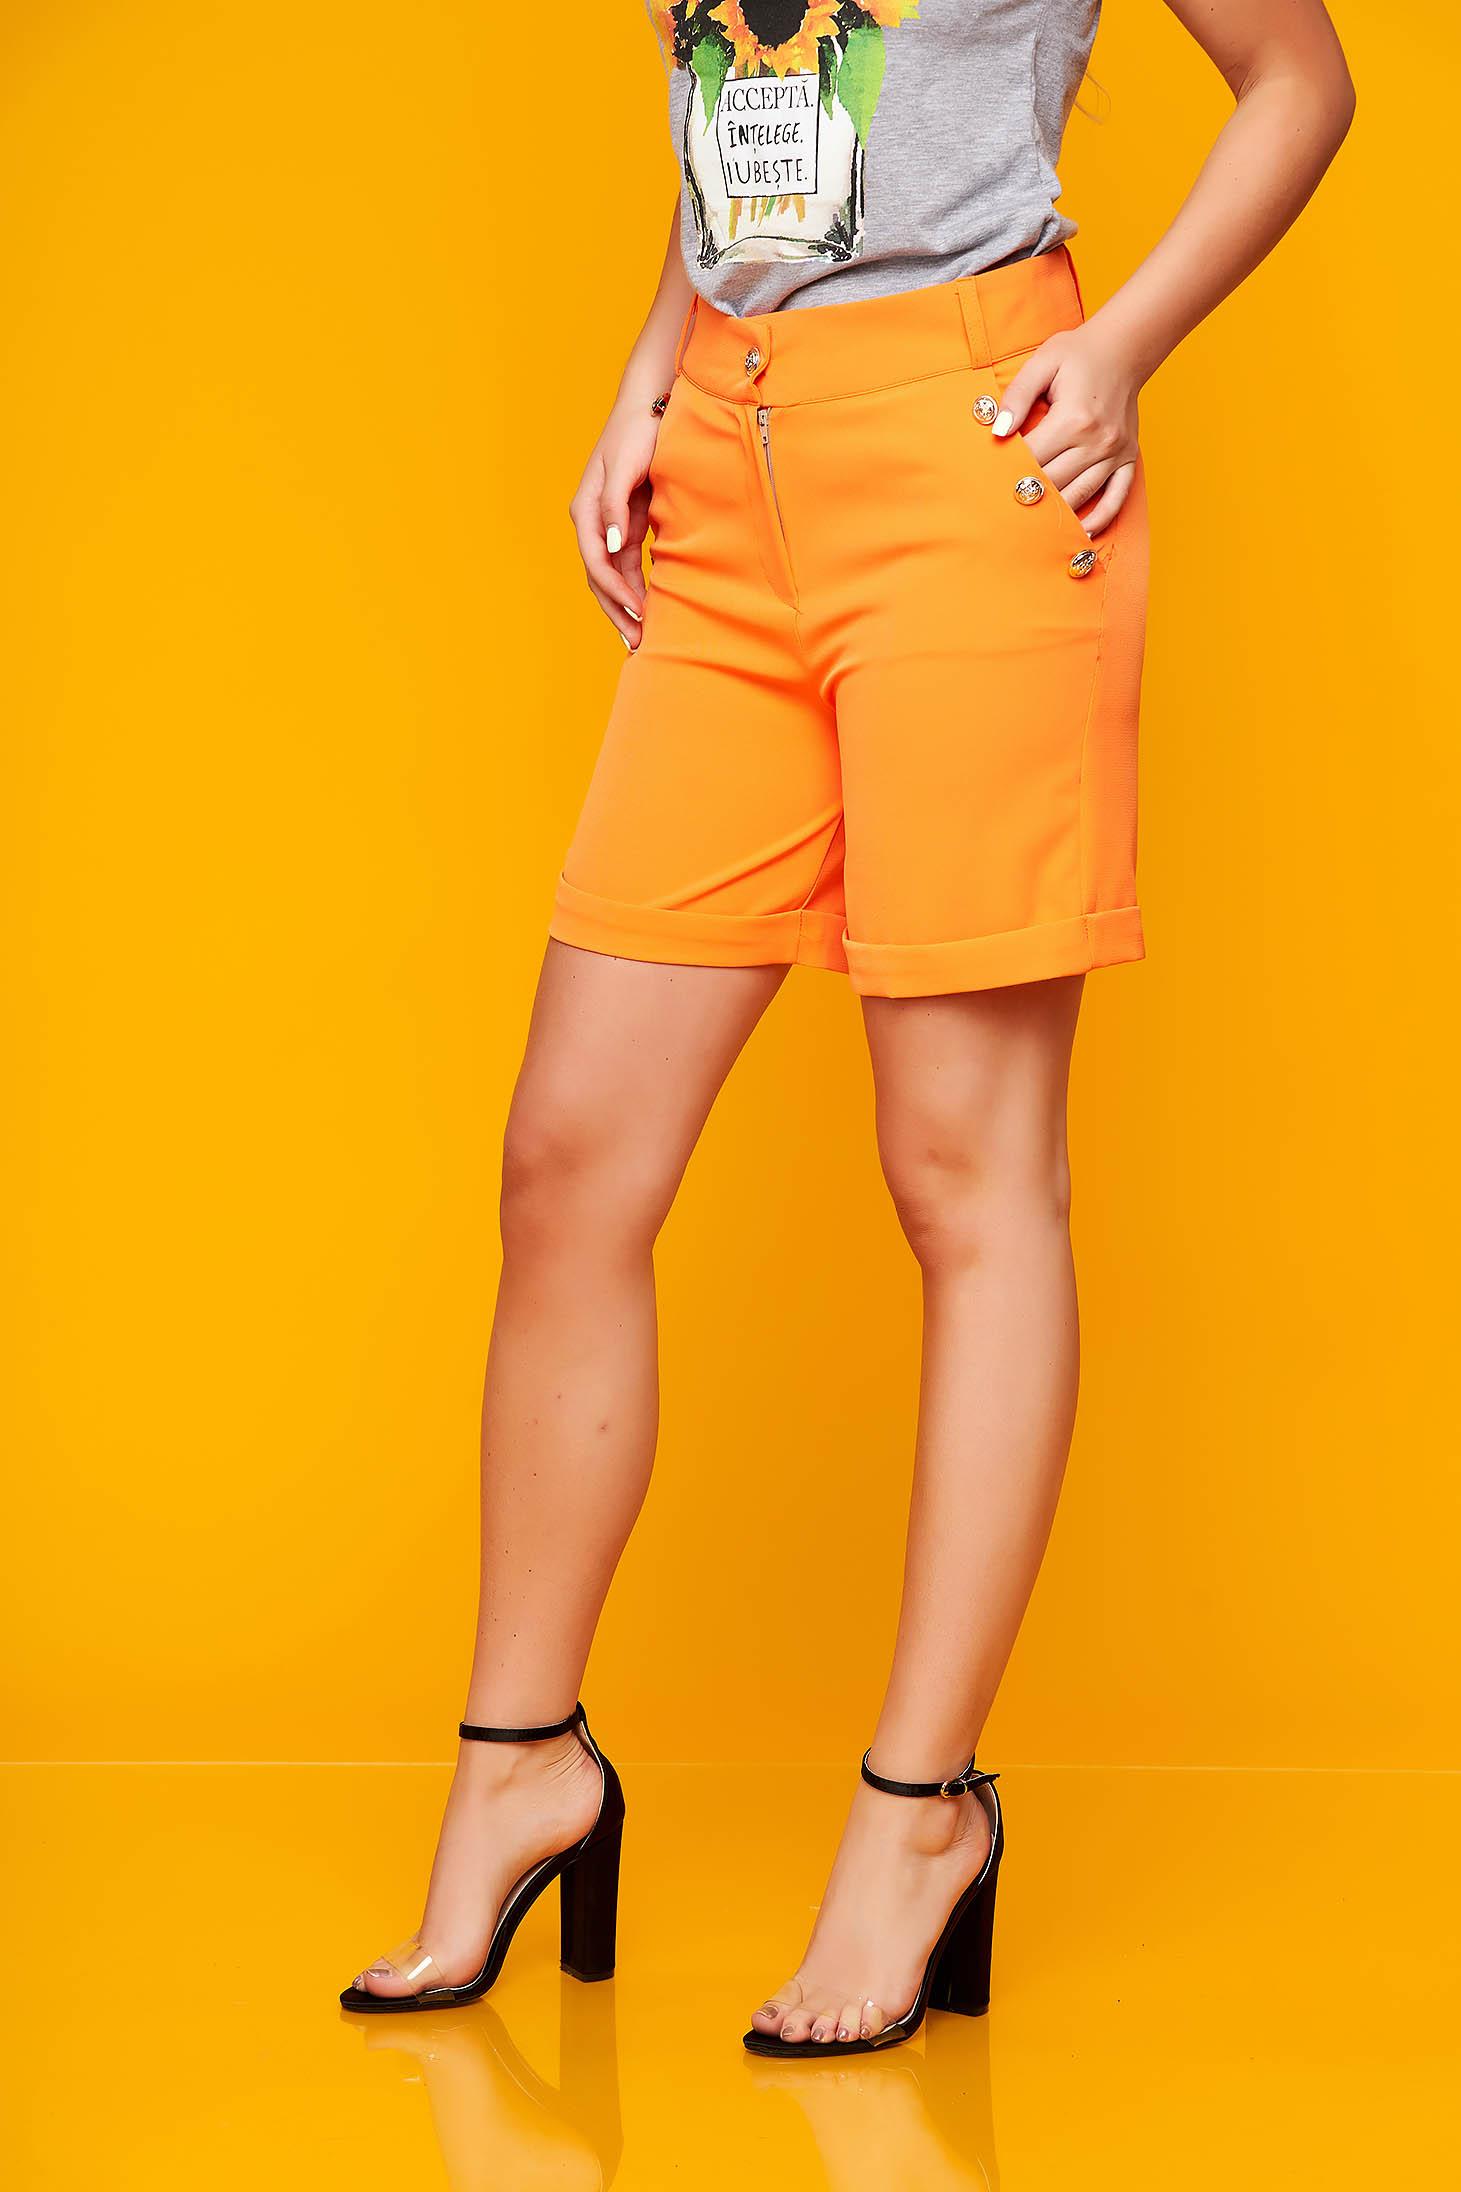 Narancssárga casual zsebes szűk szabású rövidnadrág rugalmas szövetből